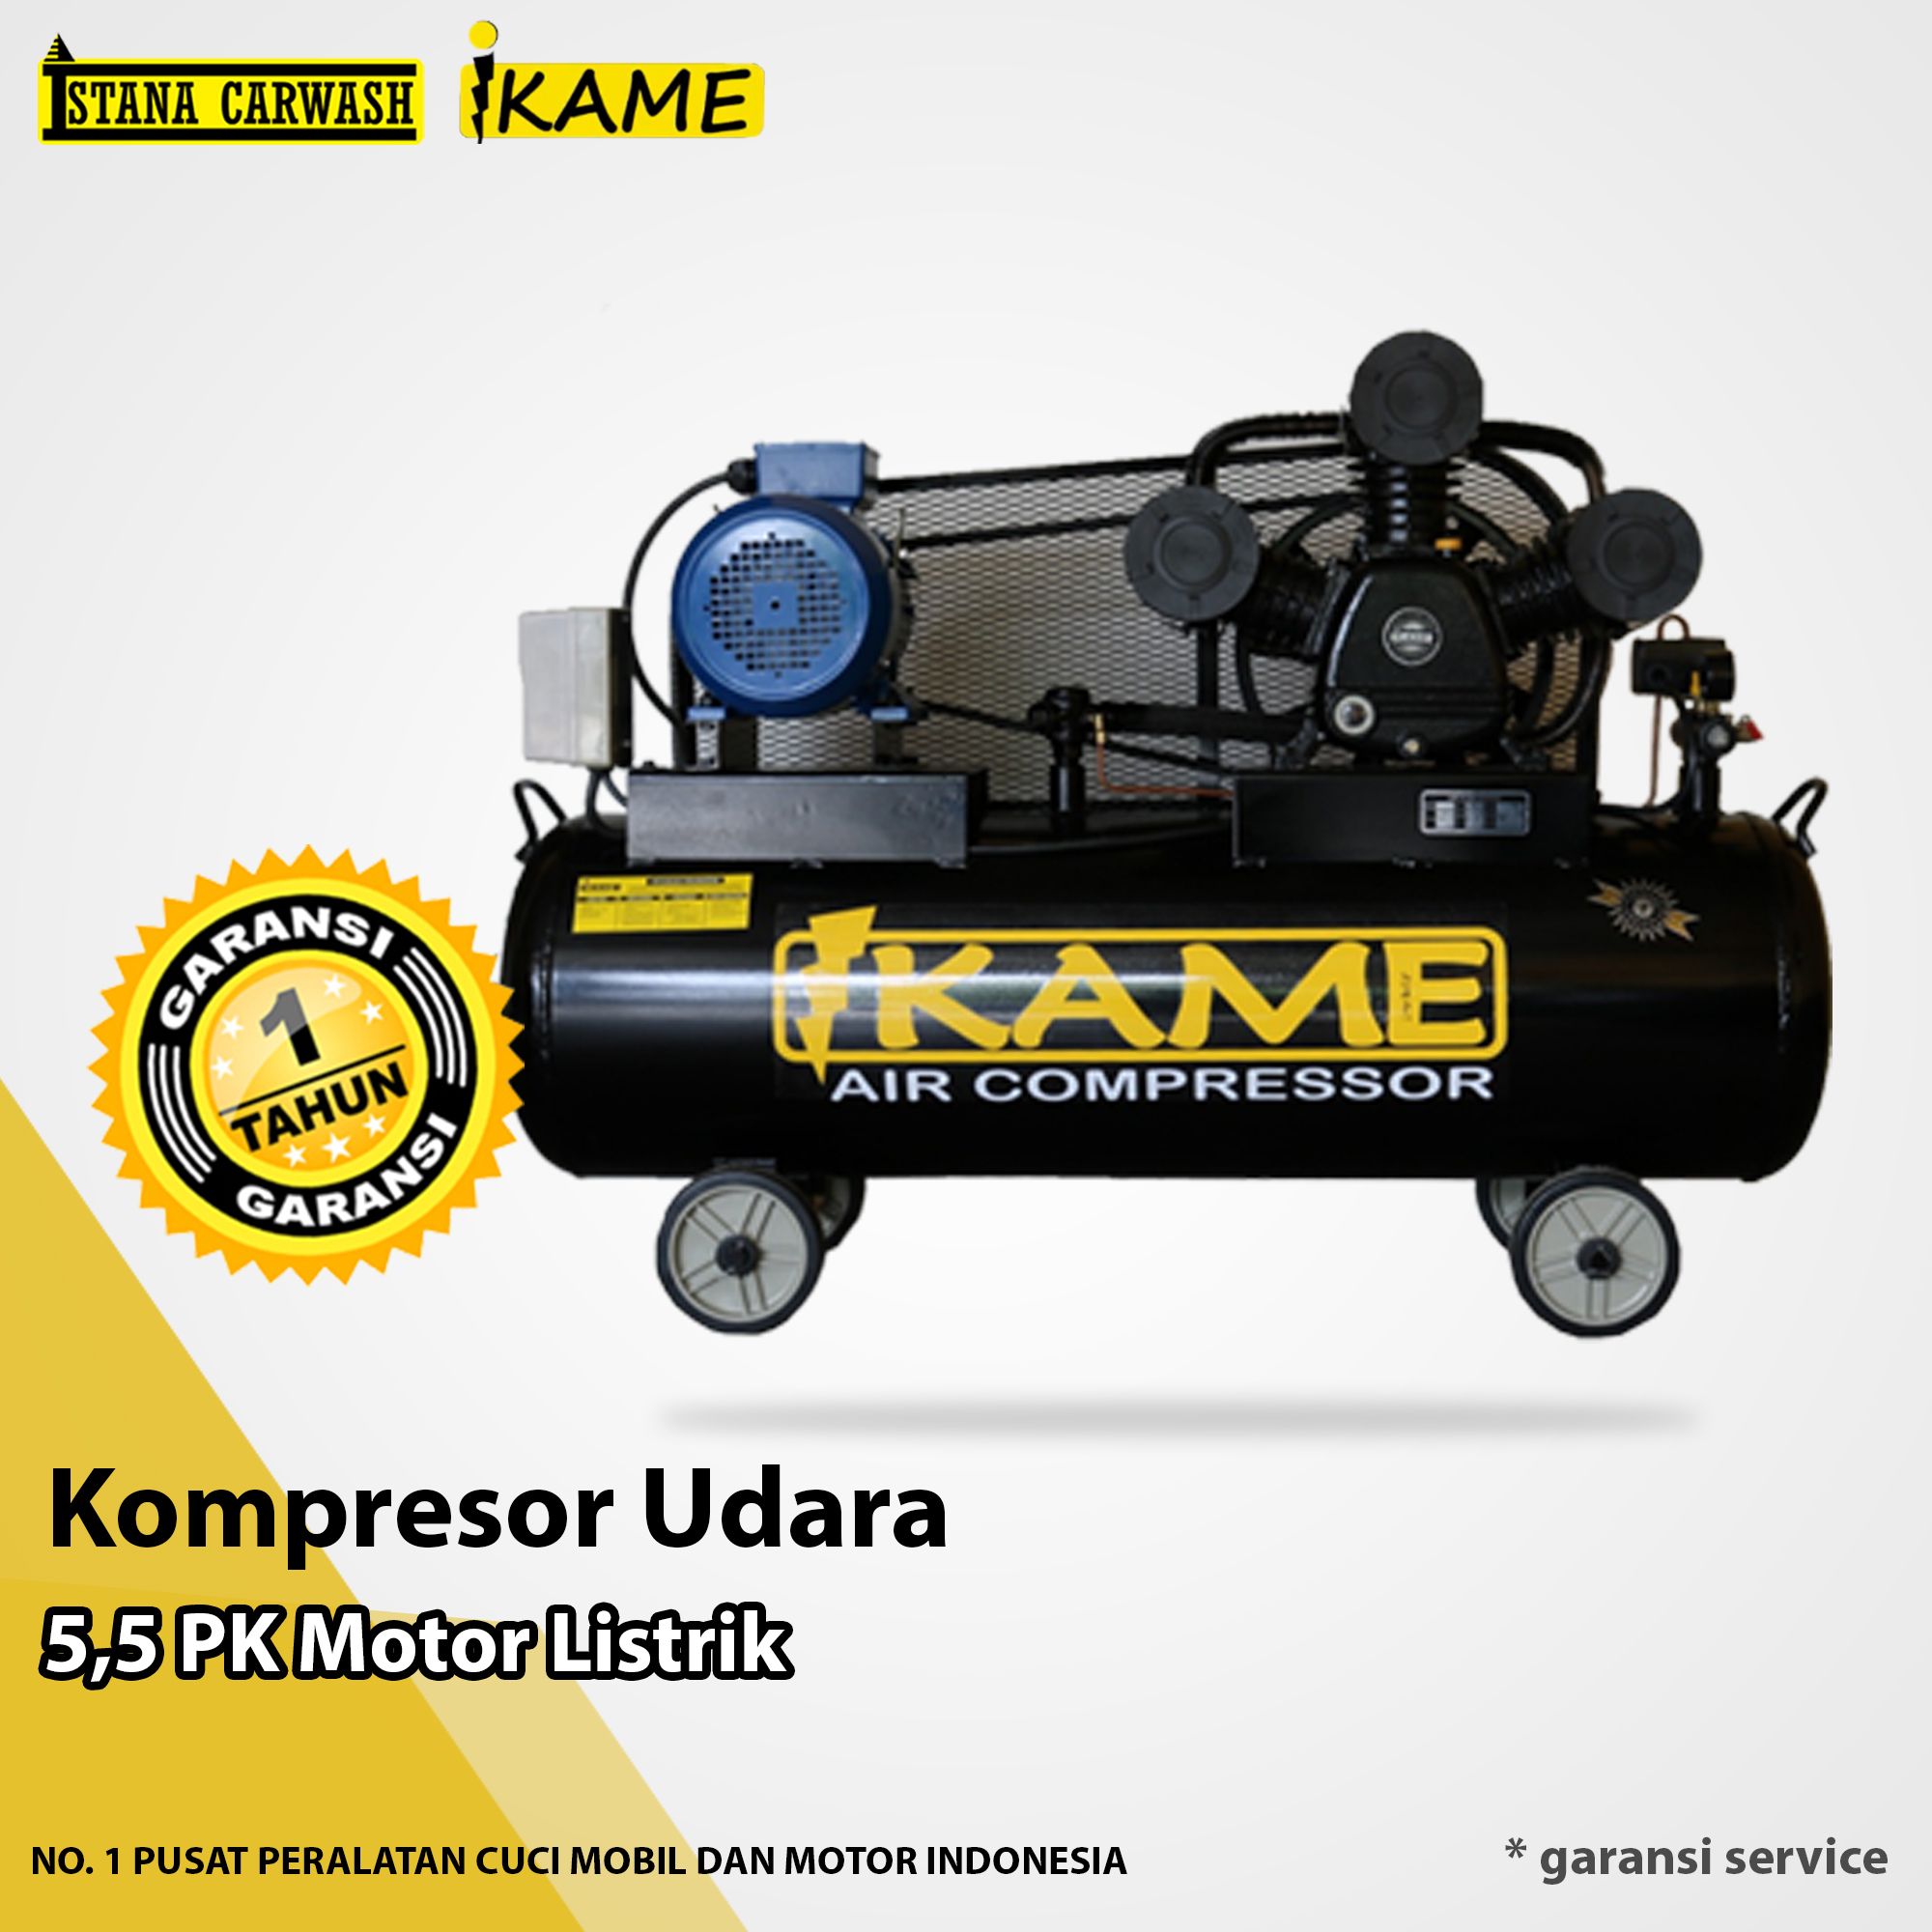 Kompresor Udara Ikame 5,5 Pk Motor Listrik